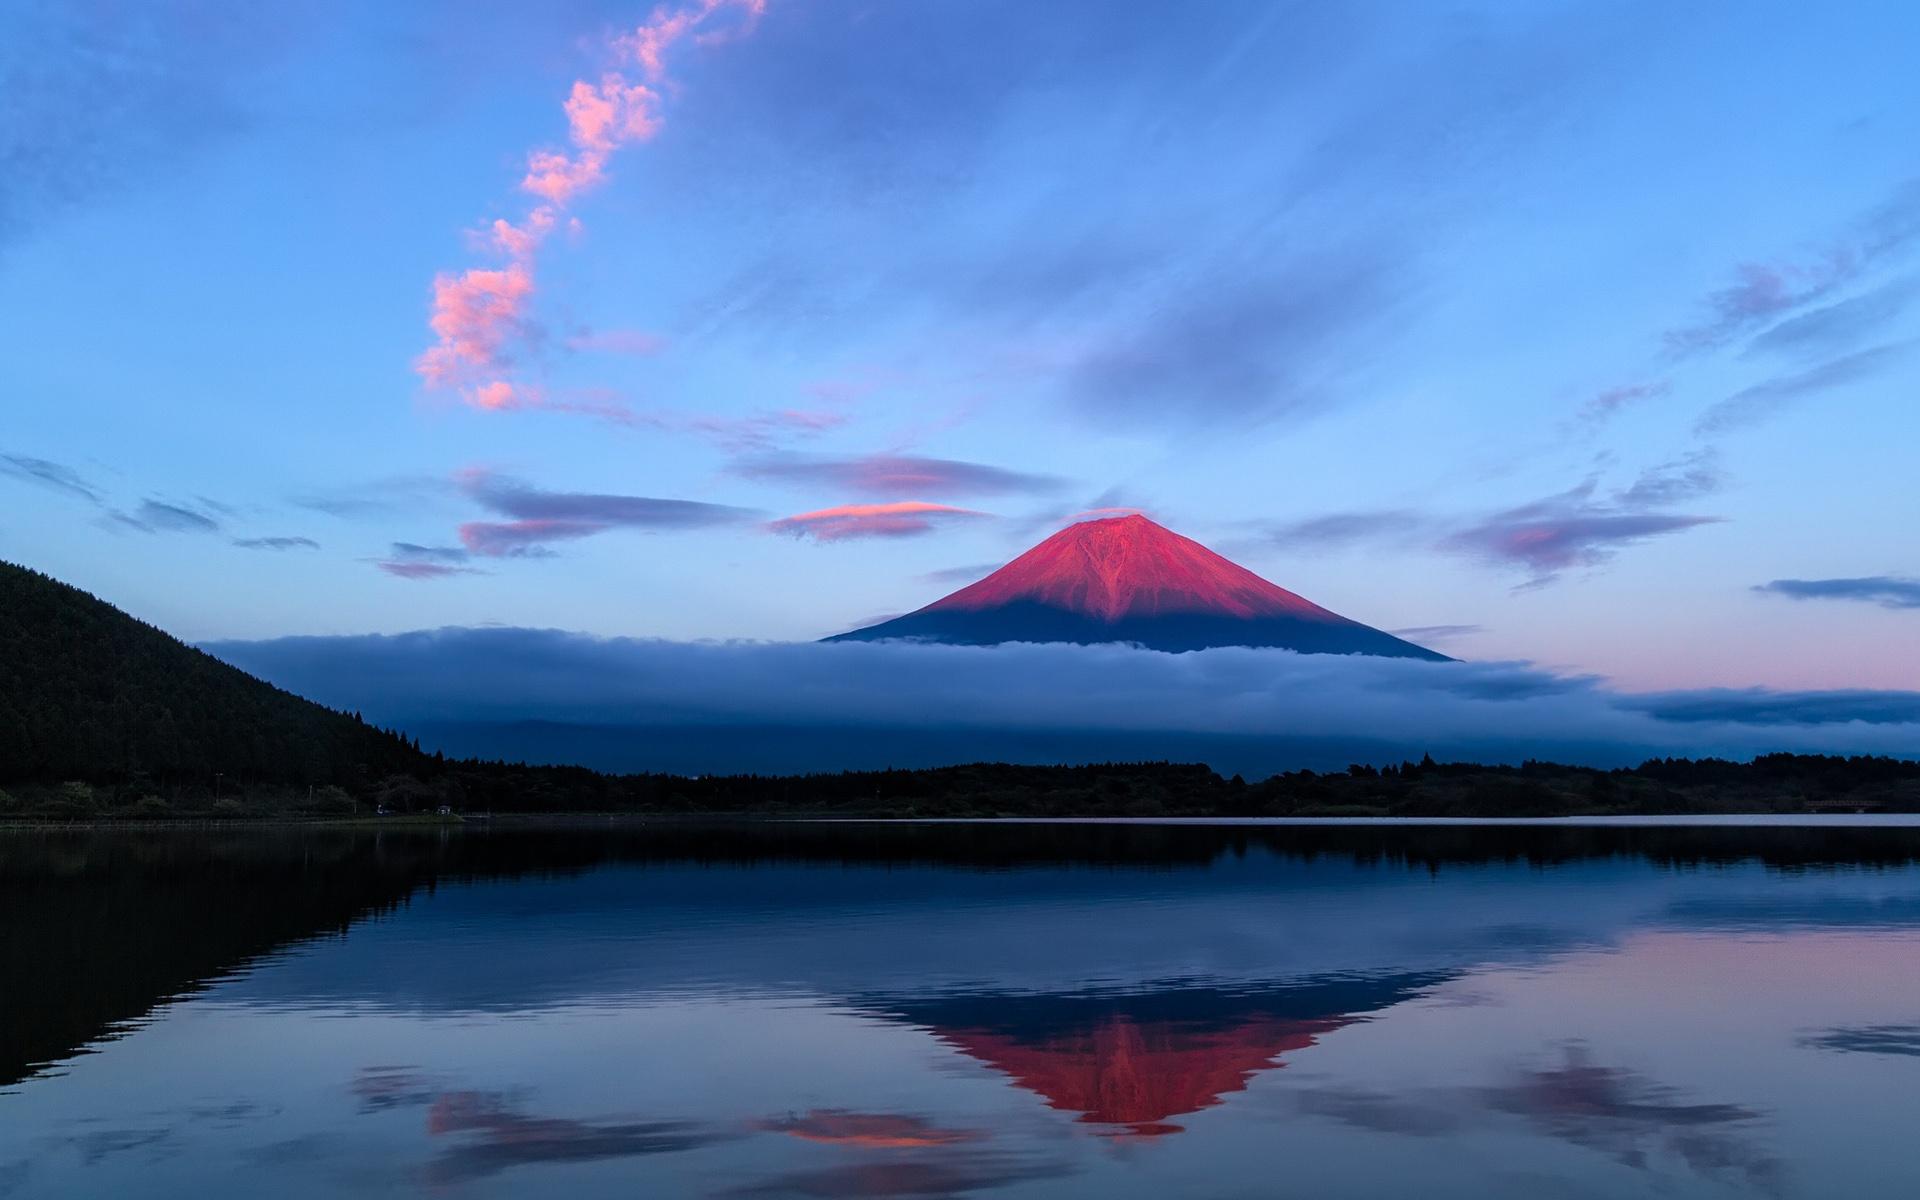 壁紙 日本 富士山 夜 空 湖 反射 青 1920x1200 Hd 無料の